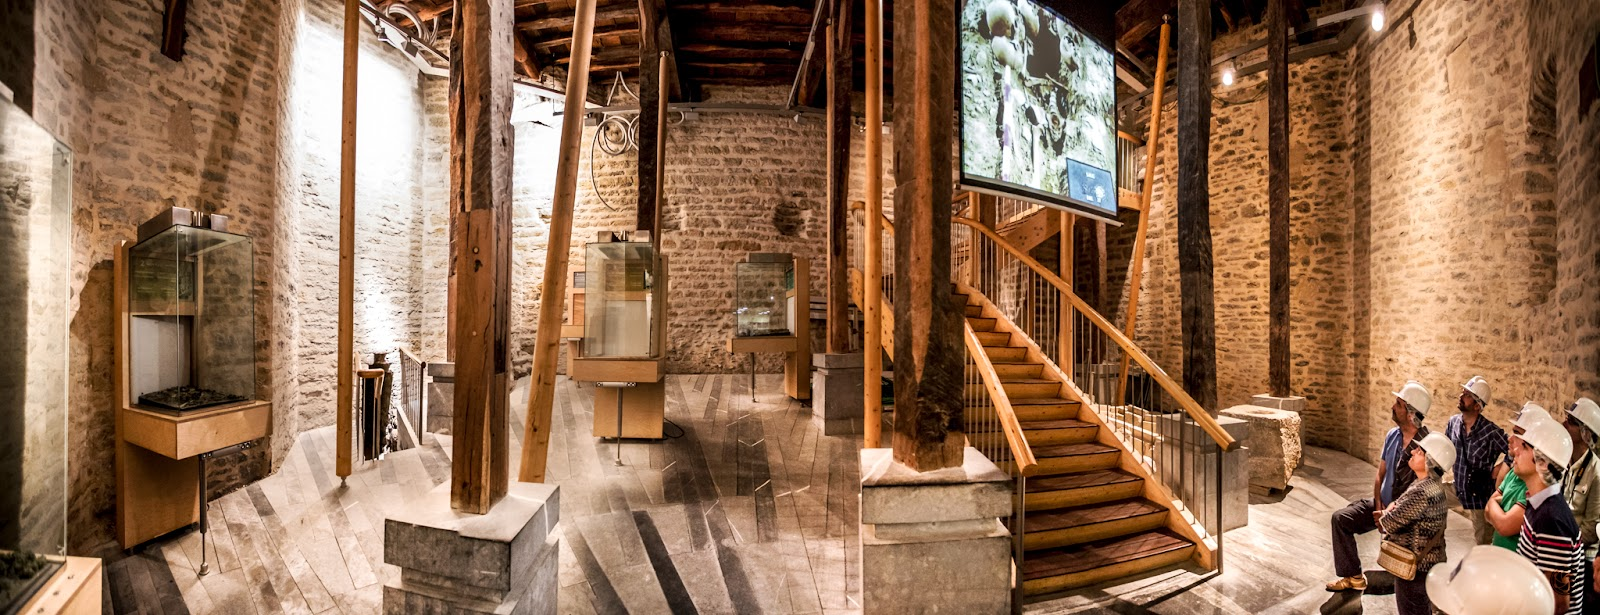 Panorámica interior del acceso por el edificio de la calle de la Cuchillería :: Panorámica 7 x Canon EOS 5D MkIII | ISO3200 | Canon 17-40 @17mm | f/4.0 | 1/15s